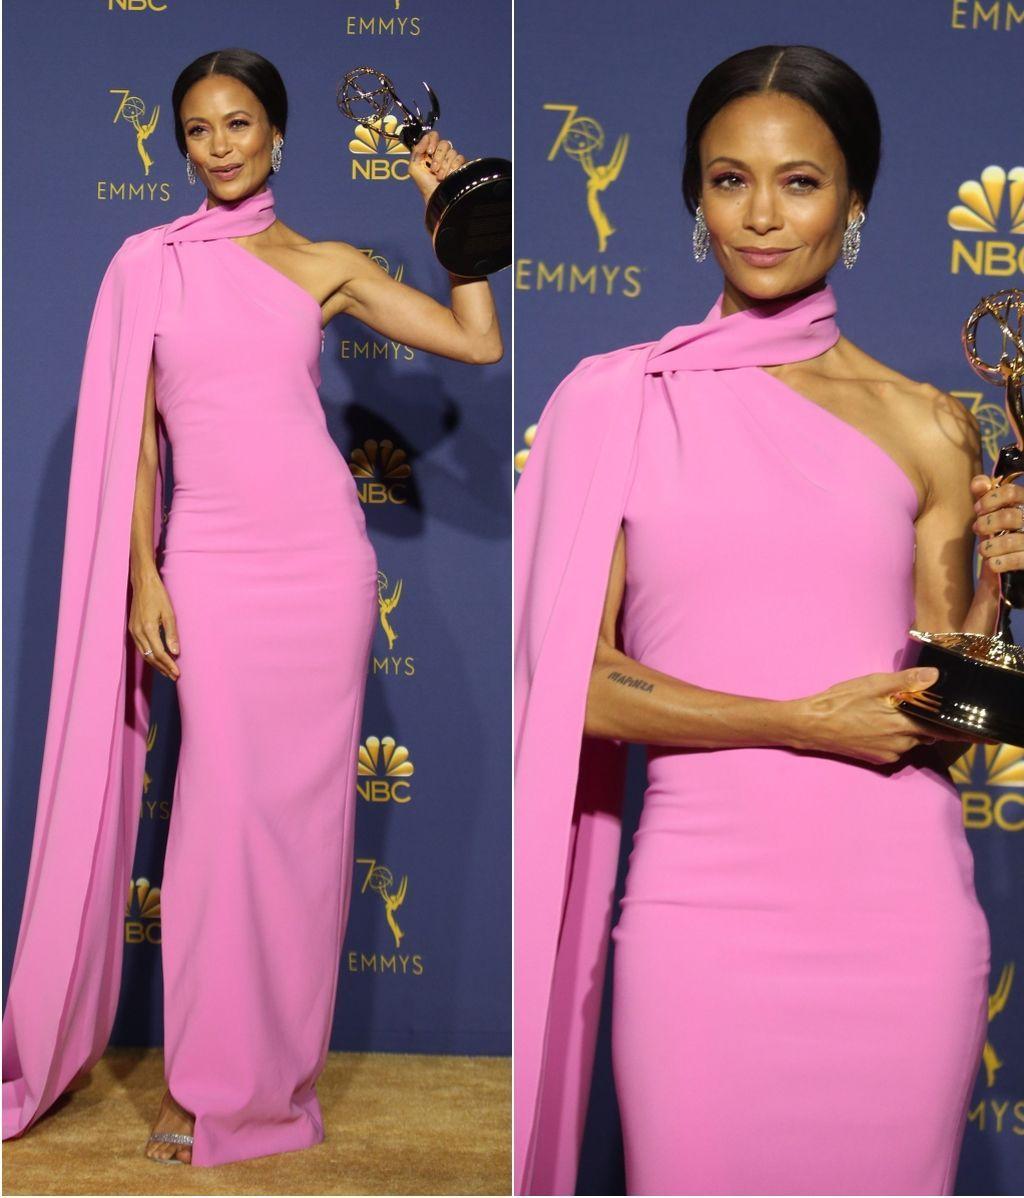 Los De Errores 2018 Emmy Premios EmmysAciertos Y YDI29WEH